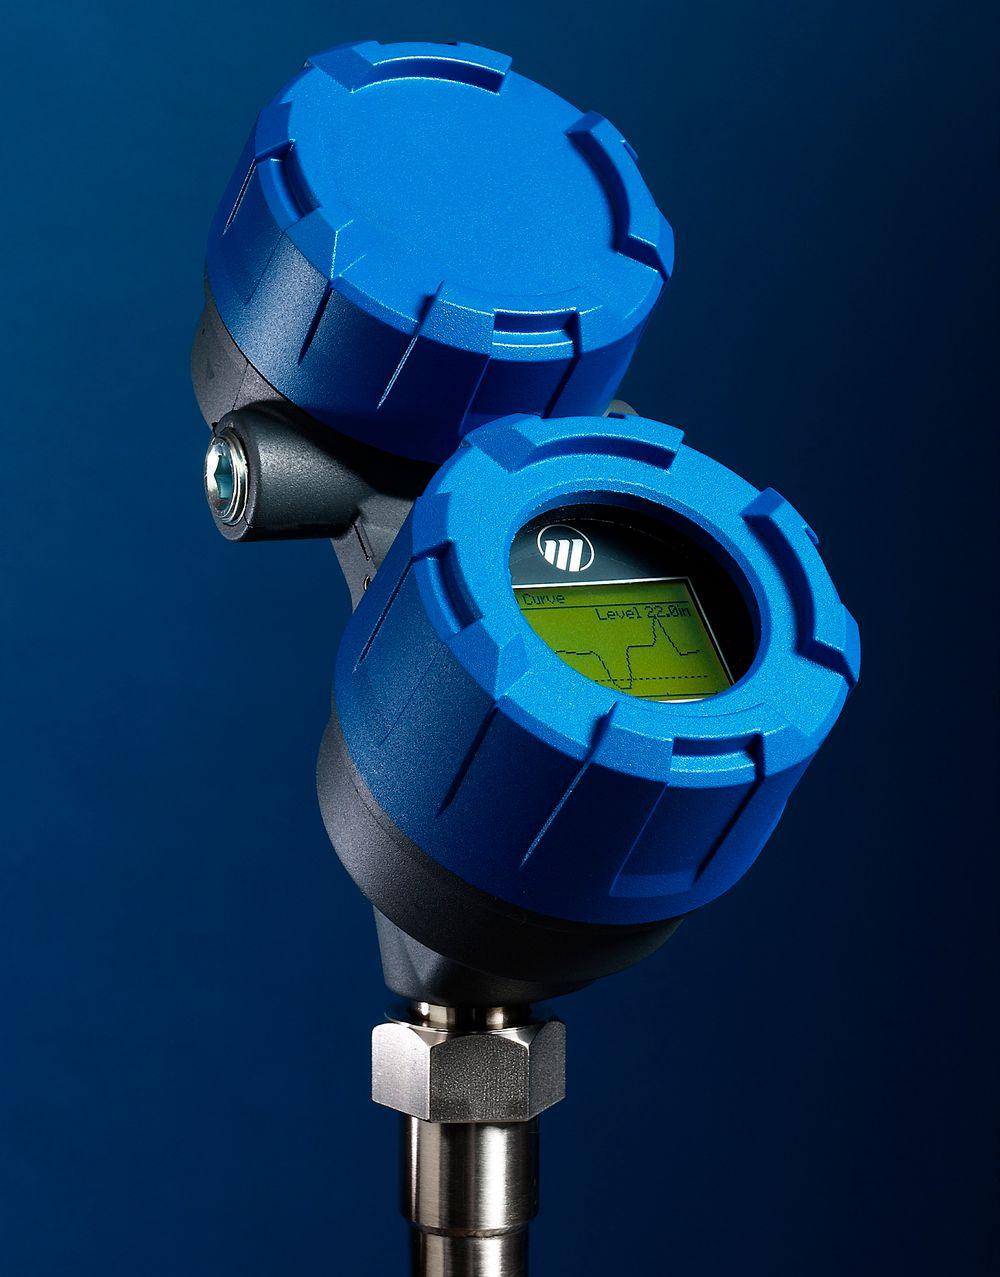 Ledet radarmåler som skal ha ekstra kraftige pulser og klare de vanskeligste nivå- og grensesnittmålingene.